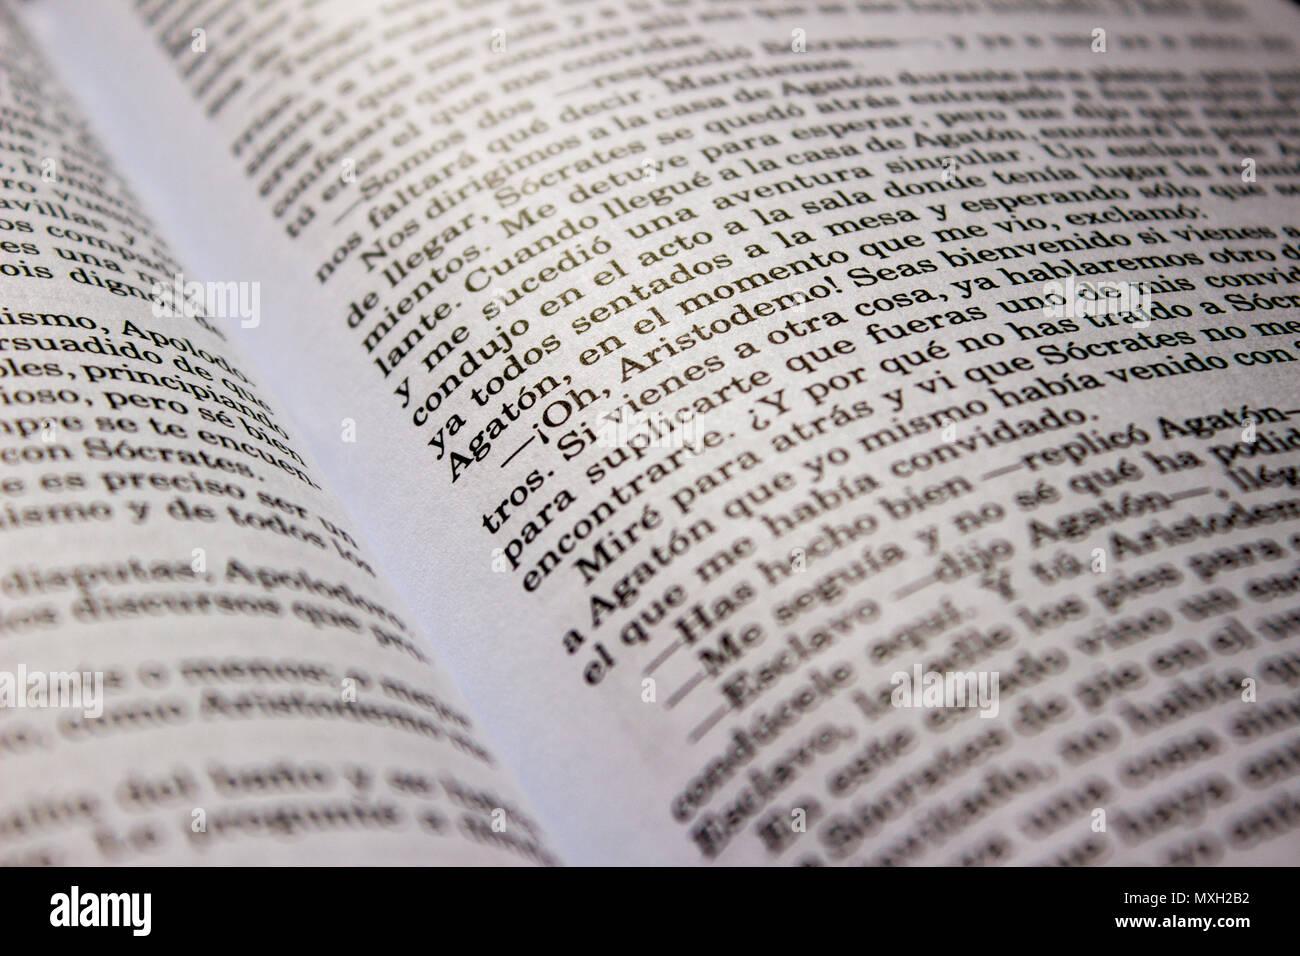 Libro aperto che mostra una finestra di dialogo in spagnolo Immagini Stock